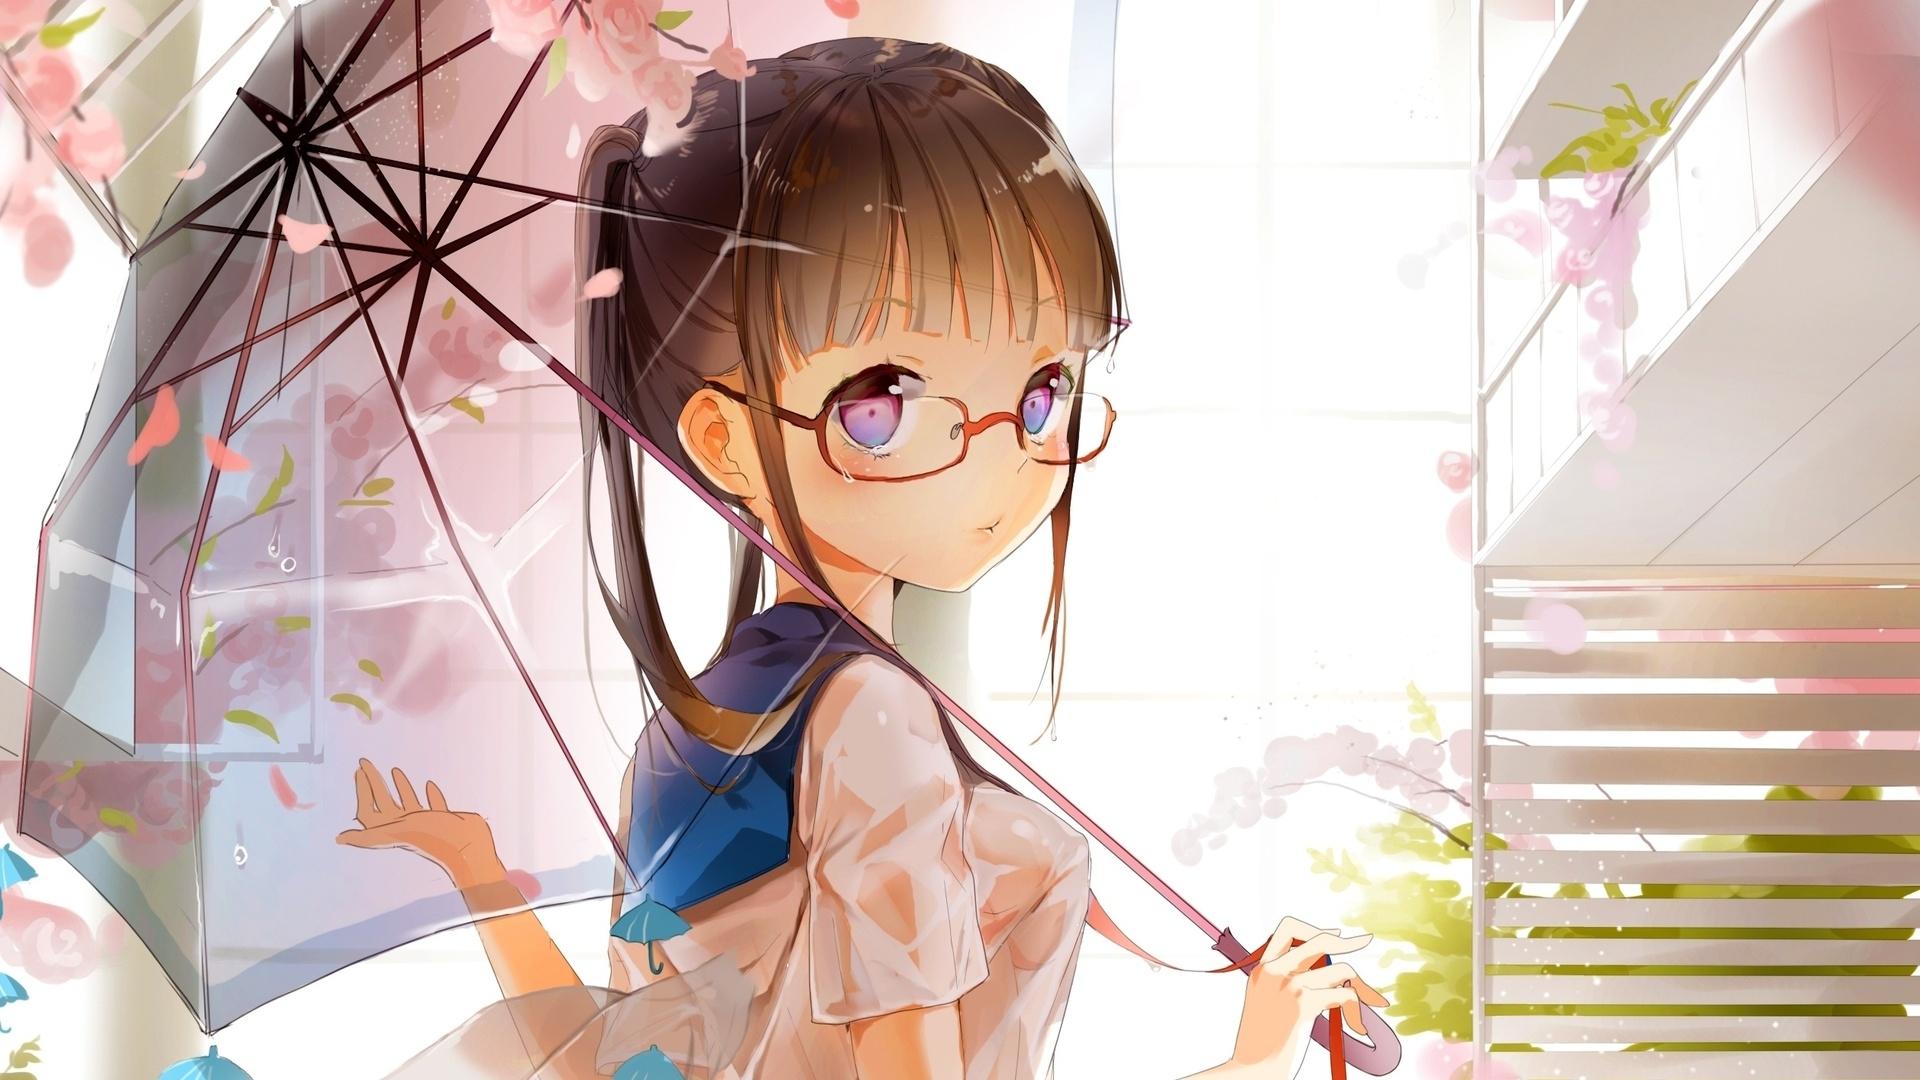 Аниме картинки девочка в очках